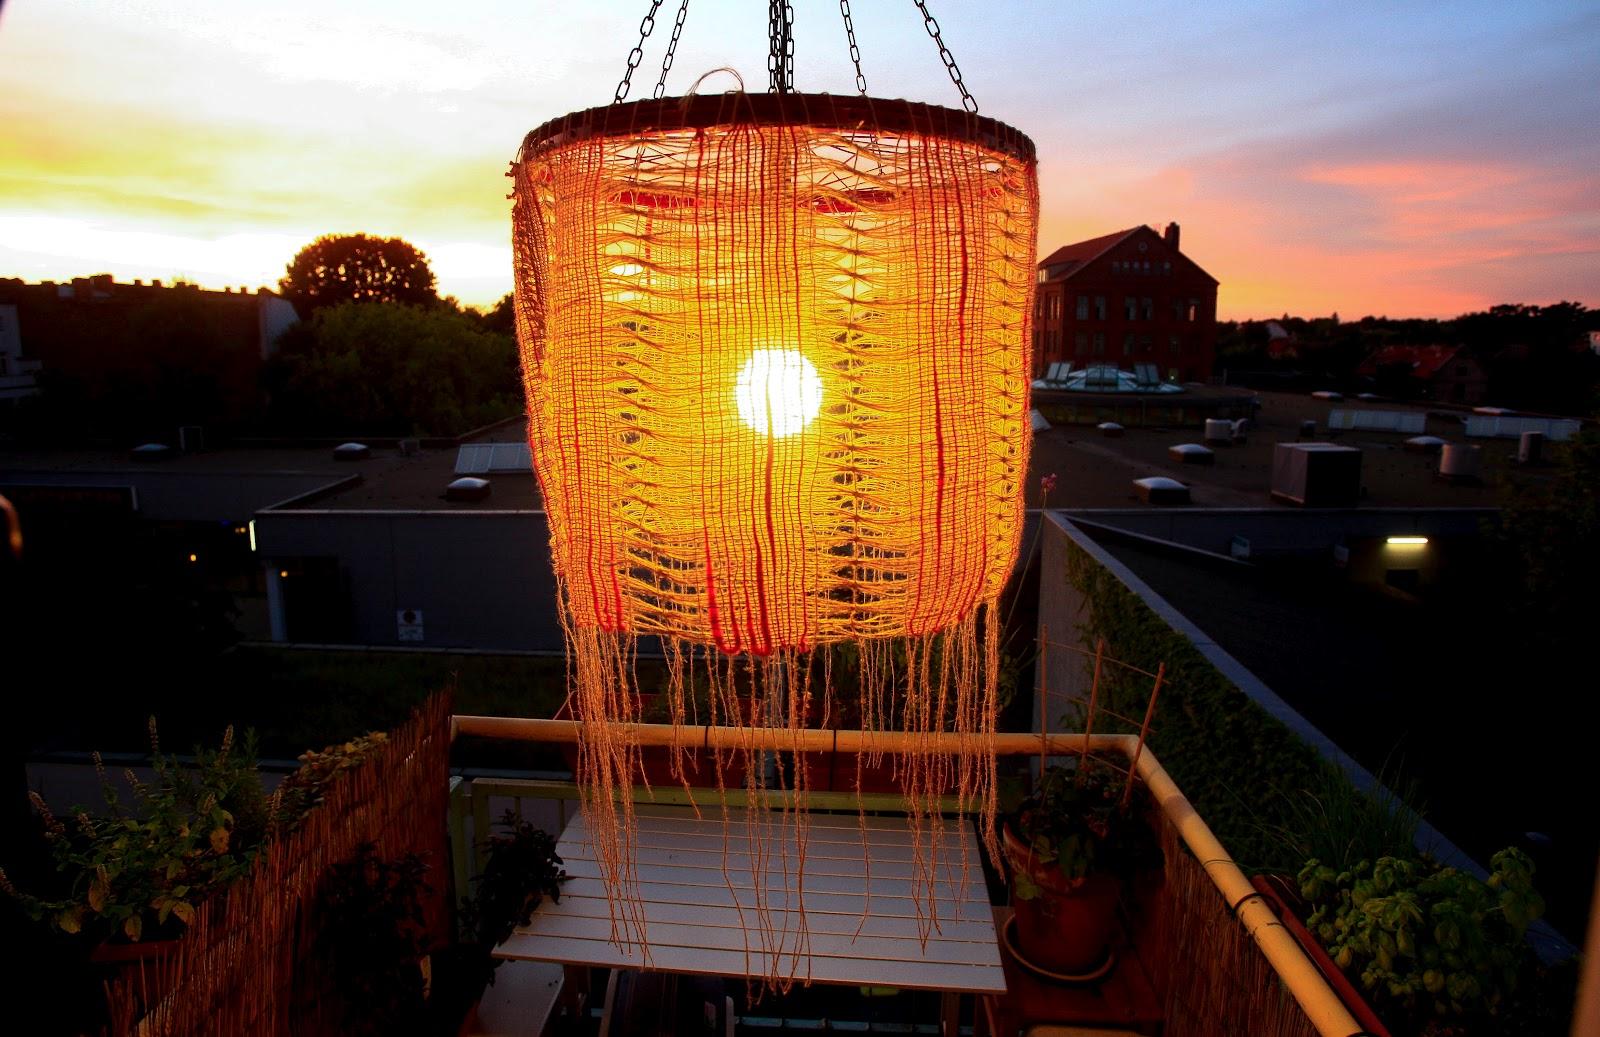 lampe aus wolle diy lampenschirm aus wolle 25 einzigartige lampe selber machen aus wolle ideen. Black Bedroom Furniture Sets. Home Design Ideas